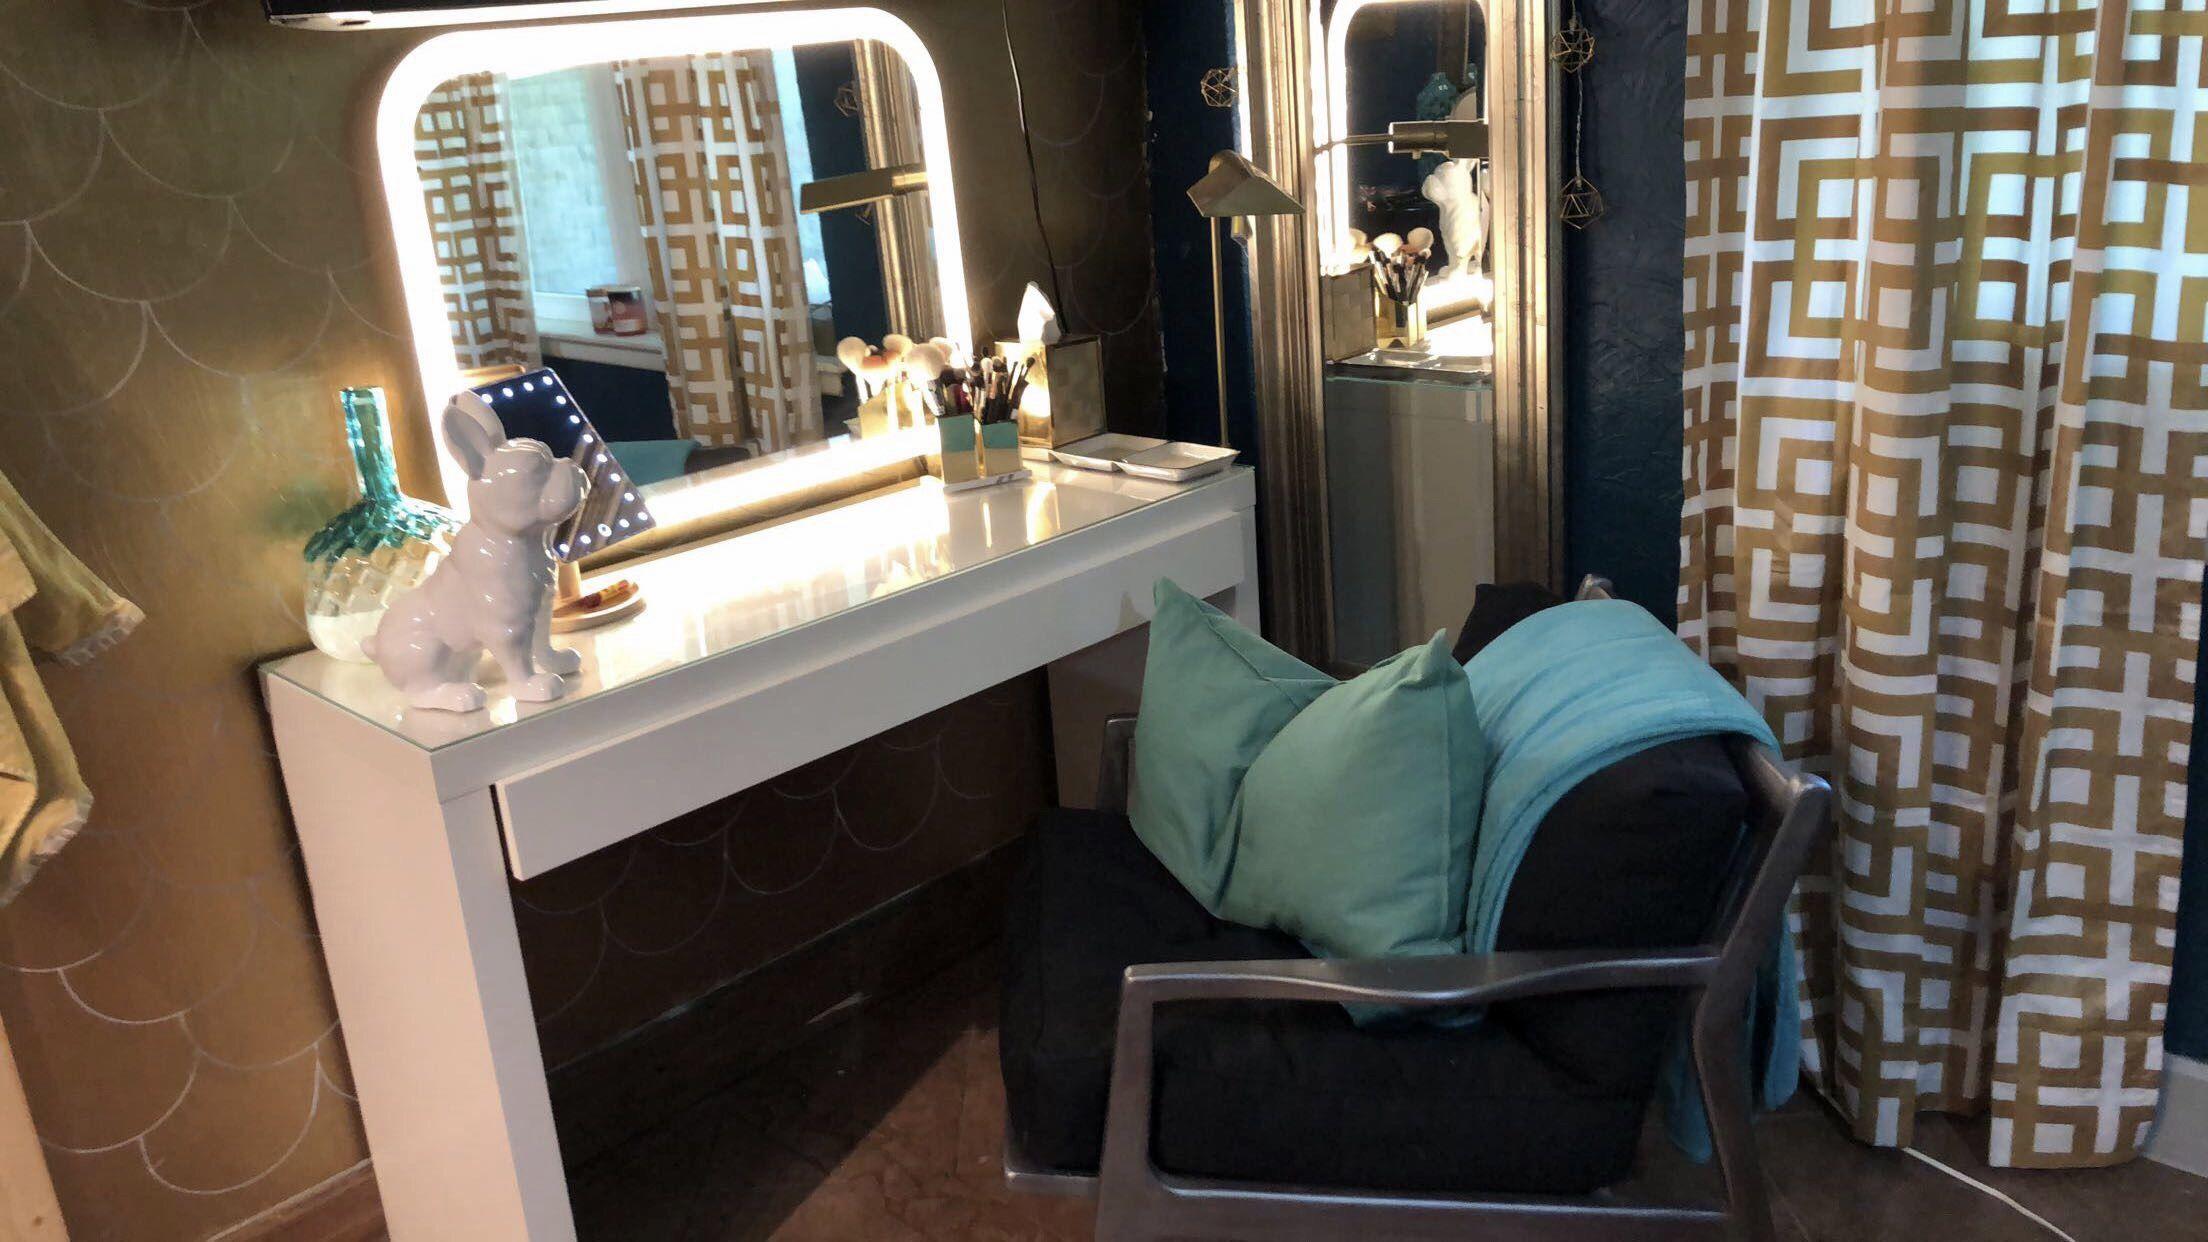 Love my new vanity set up ikeavanity storjorm gold vanity blue